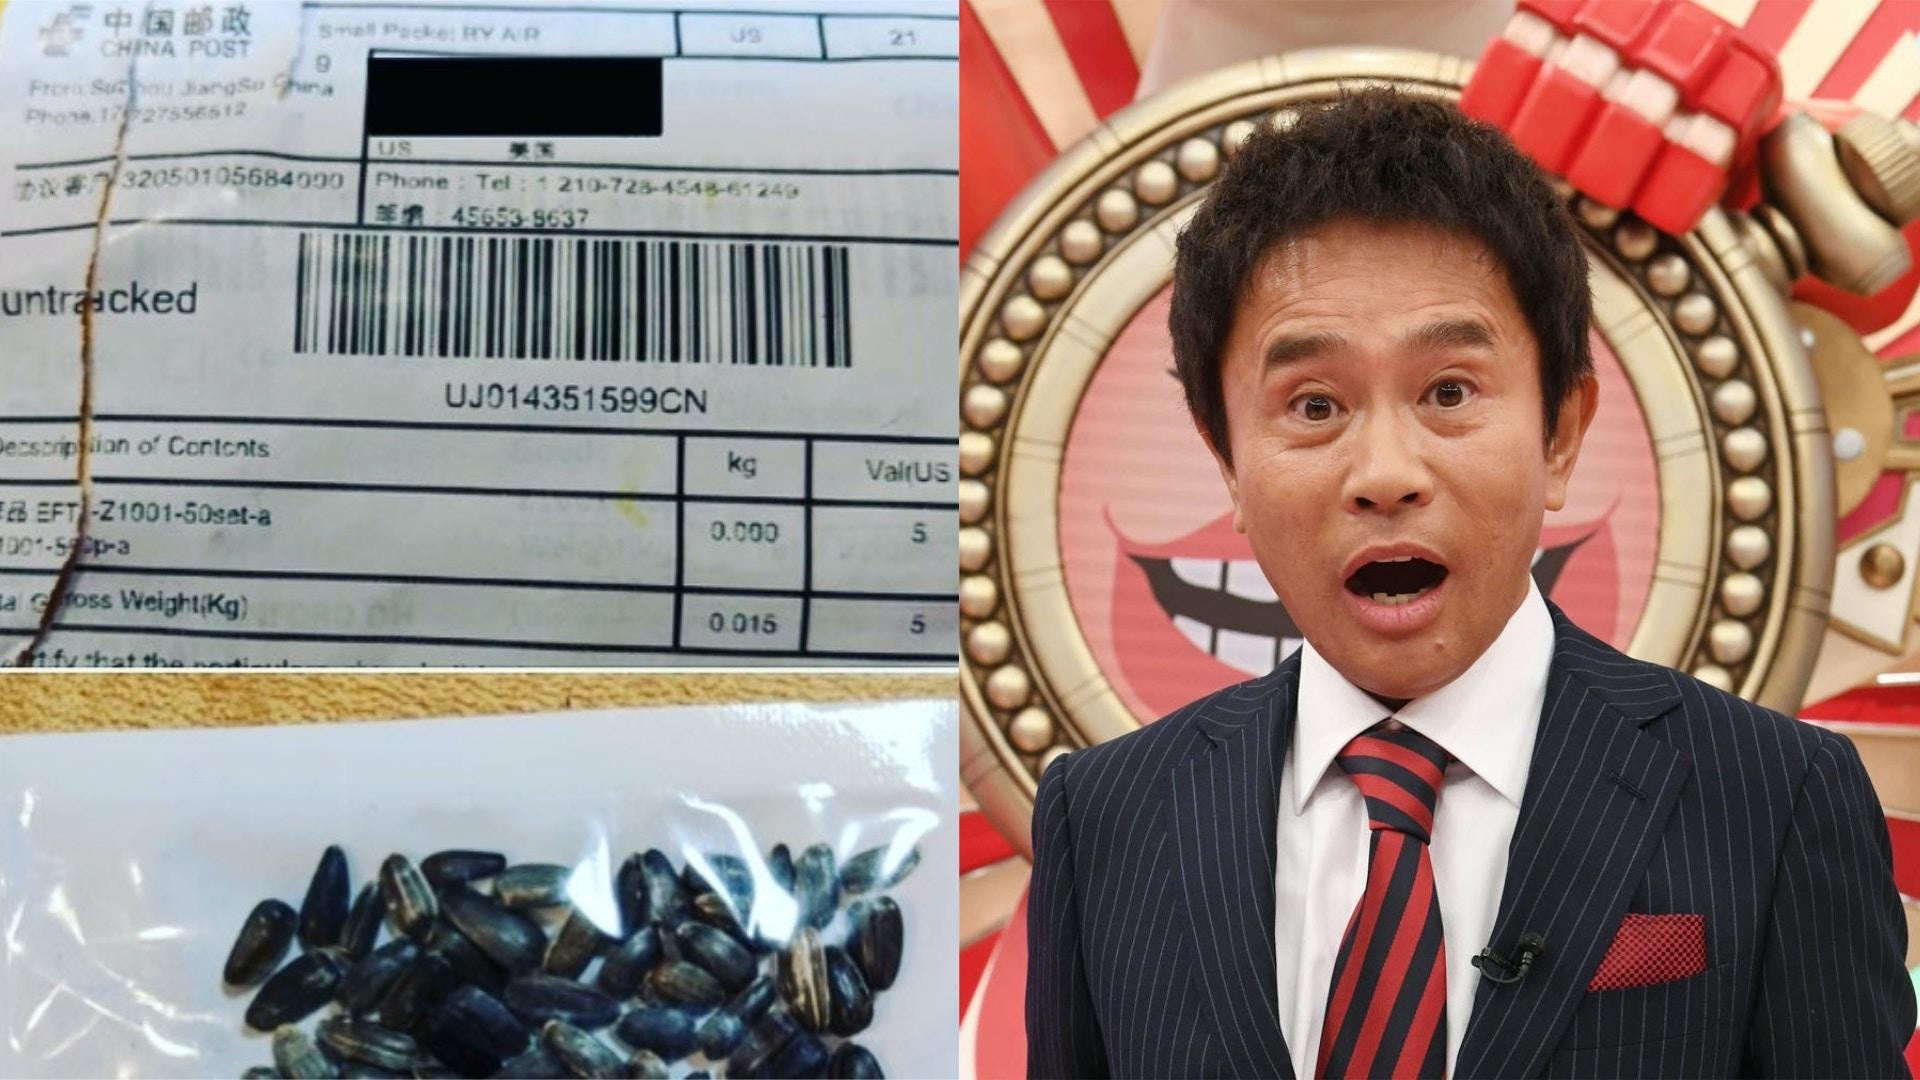 「中國神秘種子」殺到日本 知名搞笑藝人濱田雅功老婆也中招 香港01 即時國際